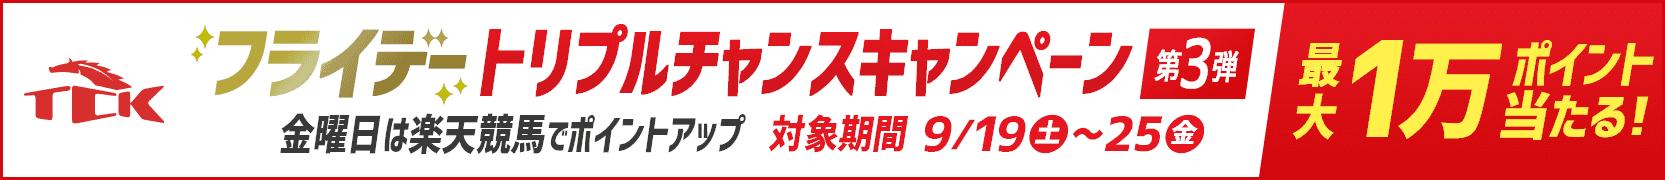 TCKフライデートリプルチャンスキャンペーン(第3弾)